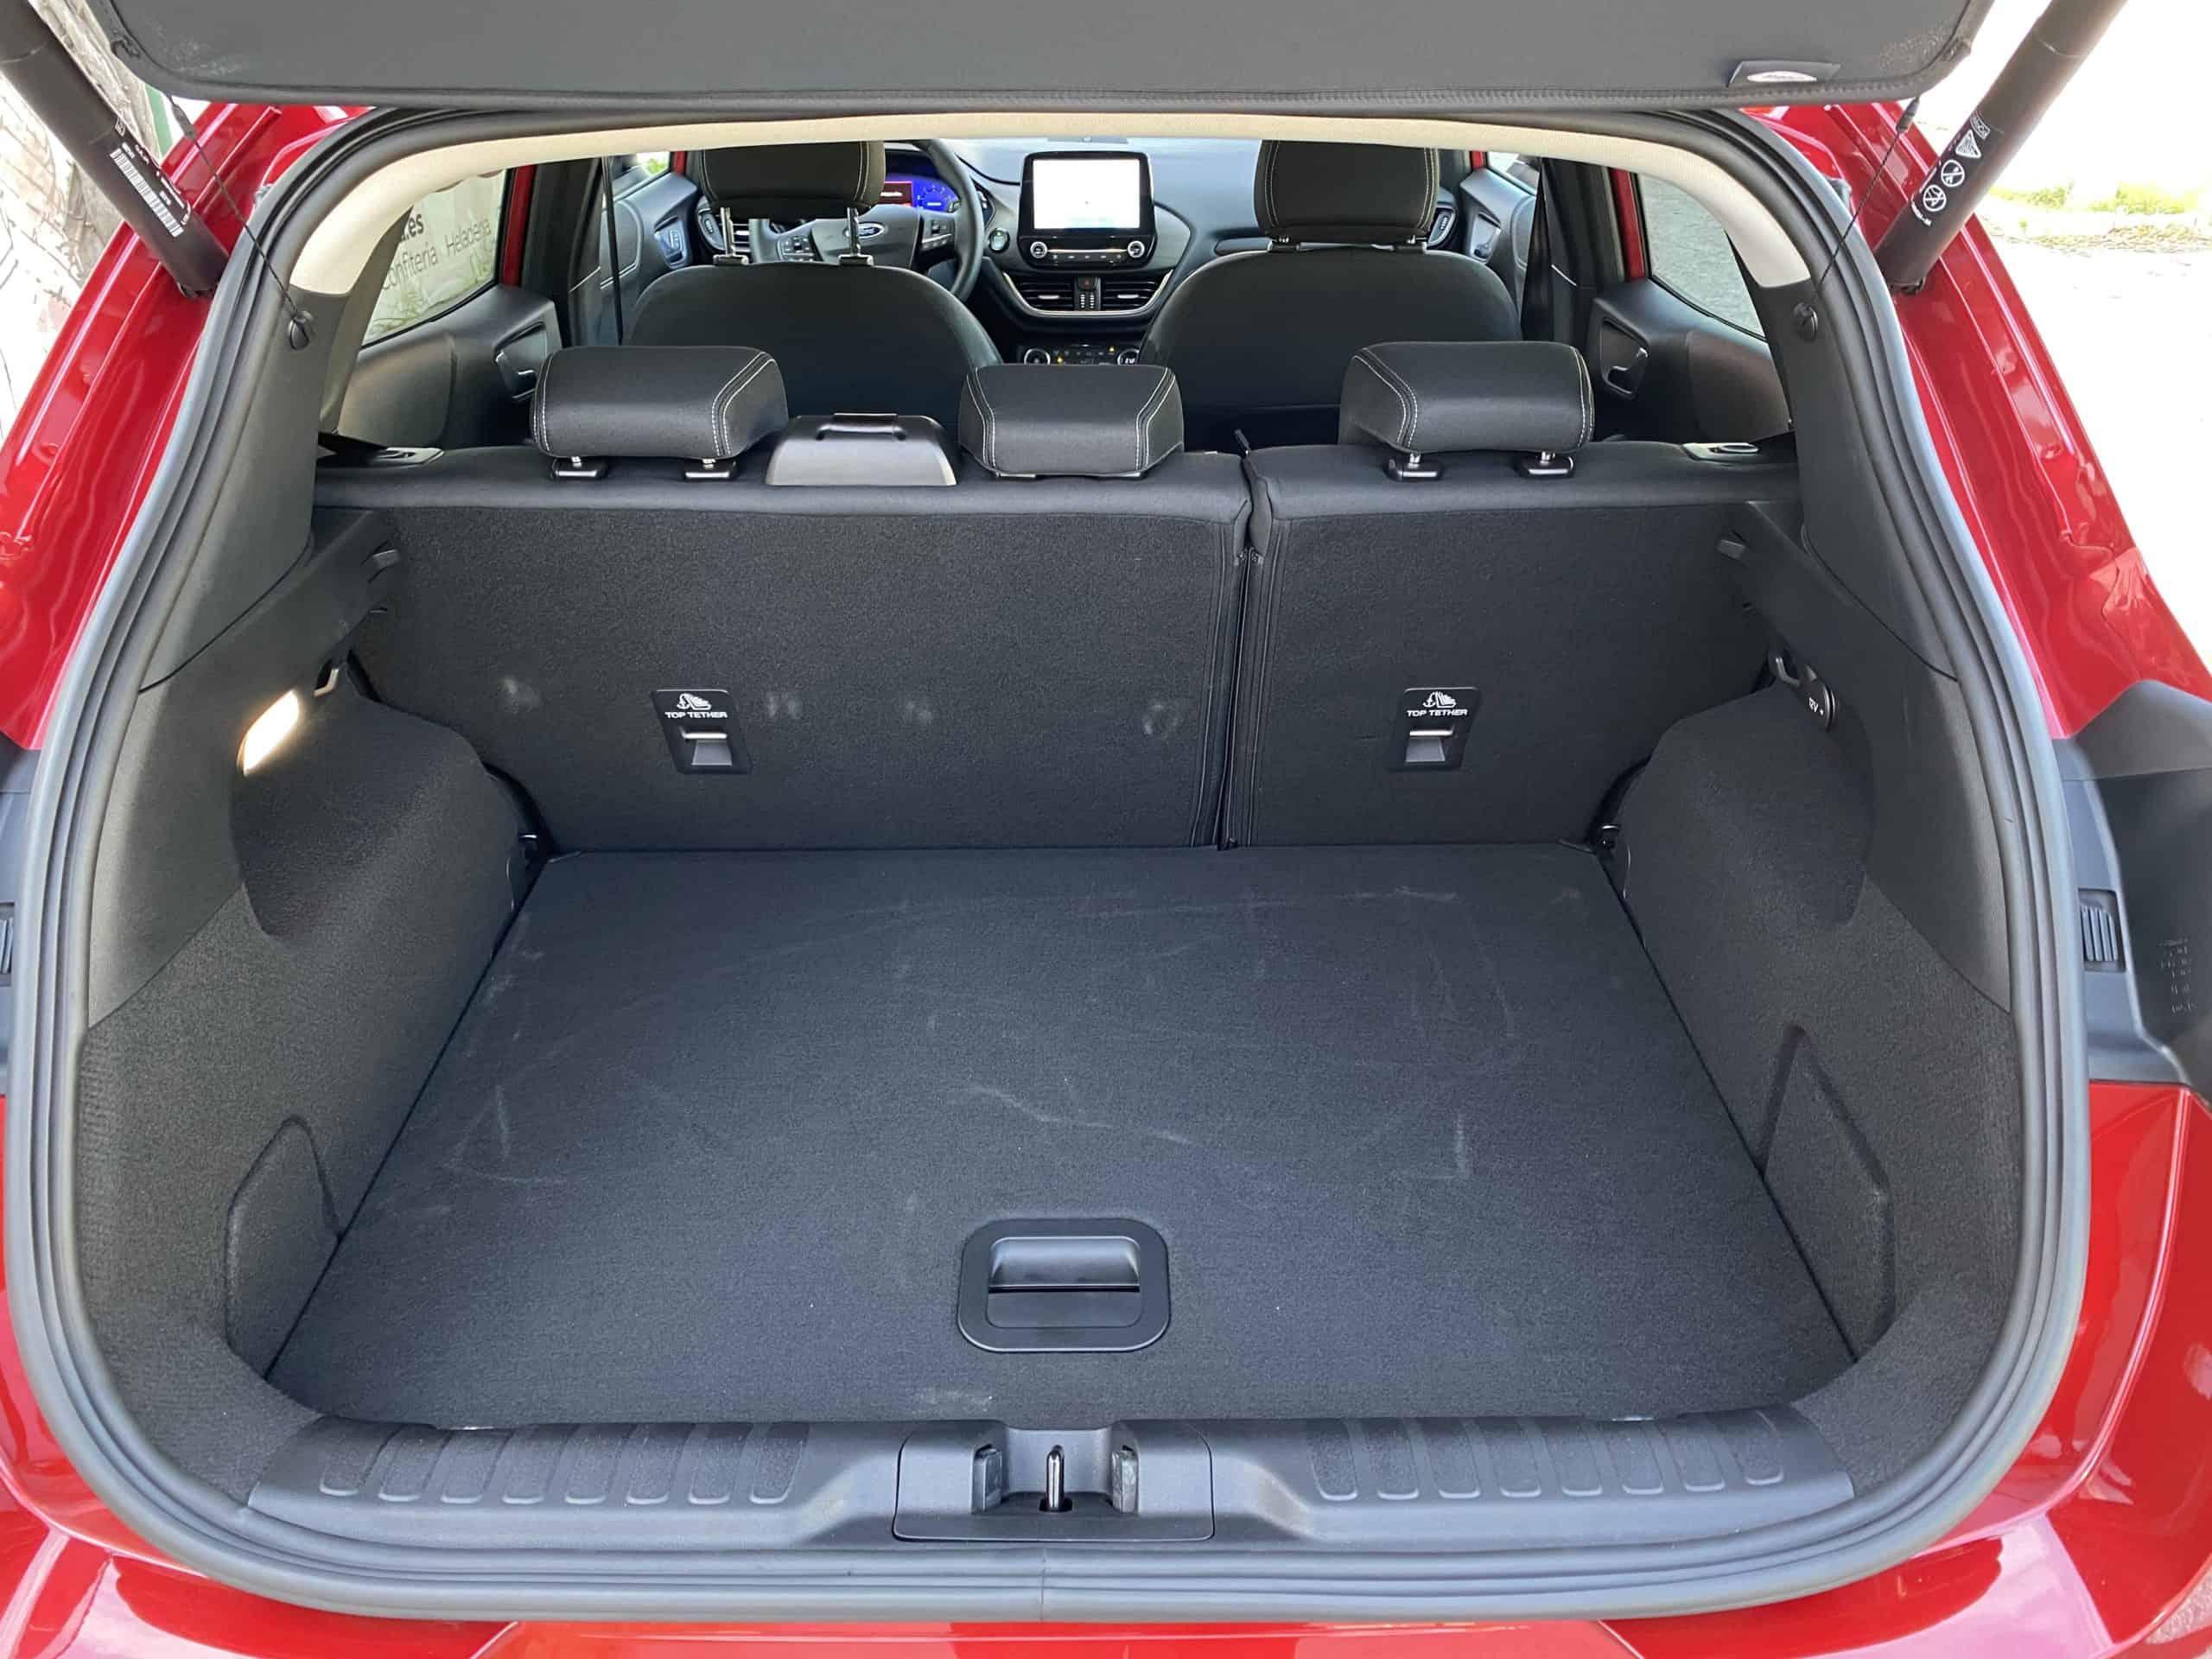 Ford Puma Kofferraum